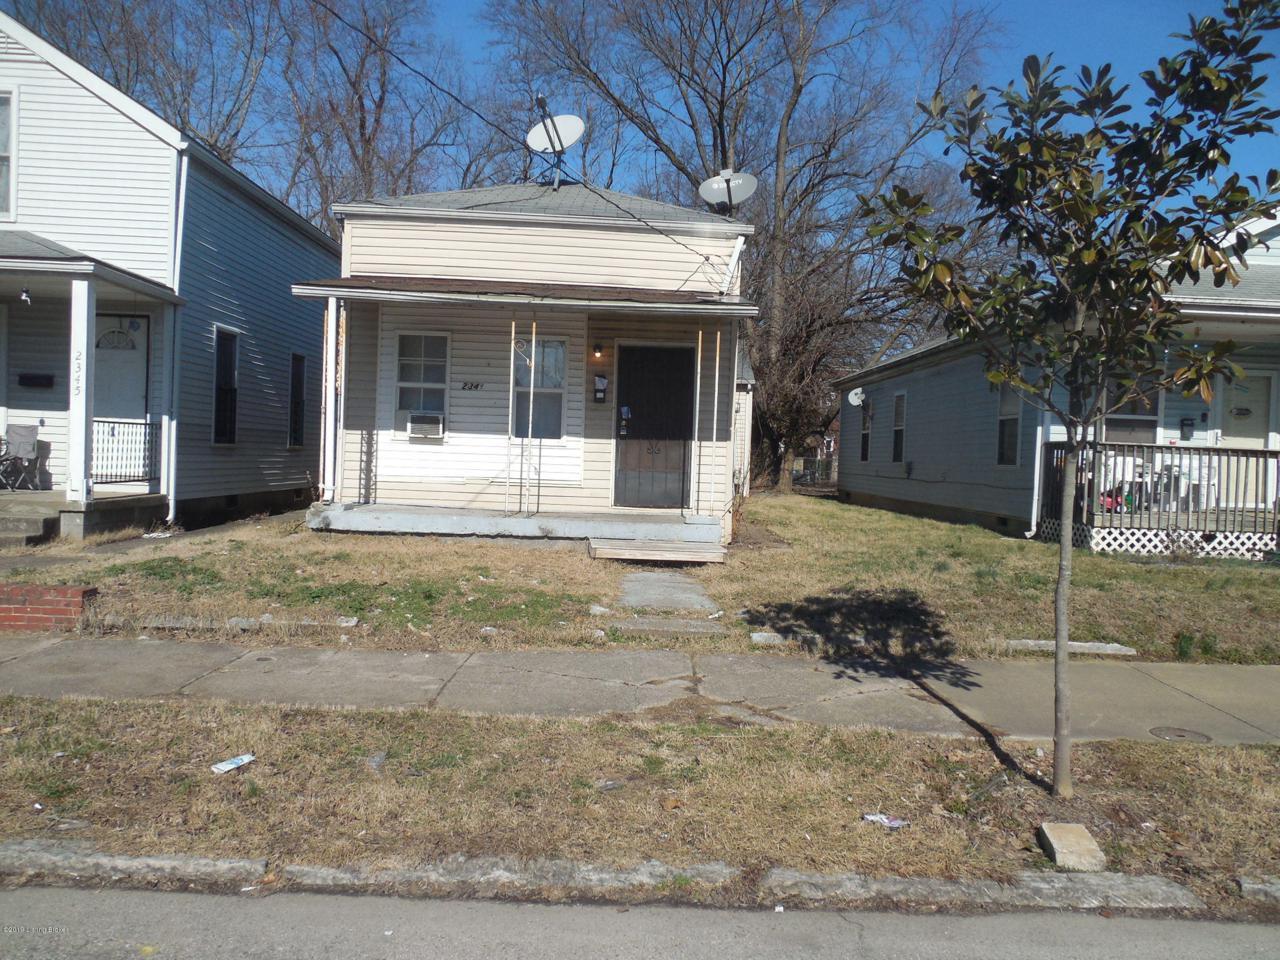 2343 West Madison St - Photo 1